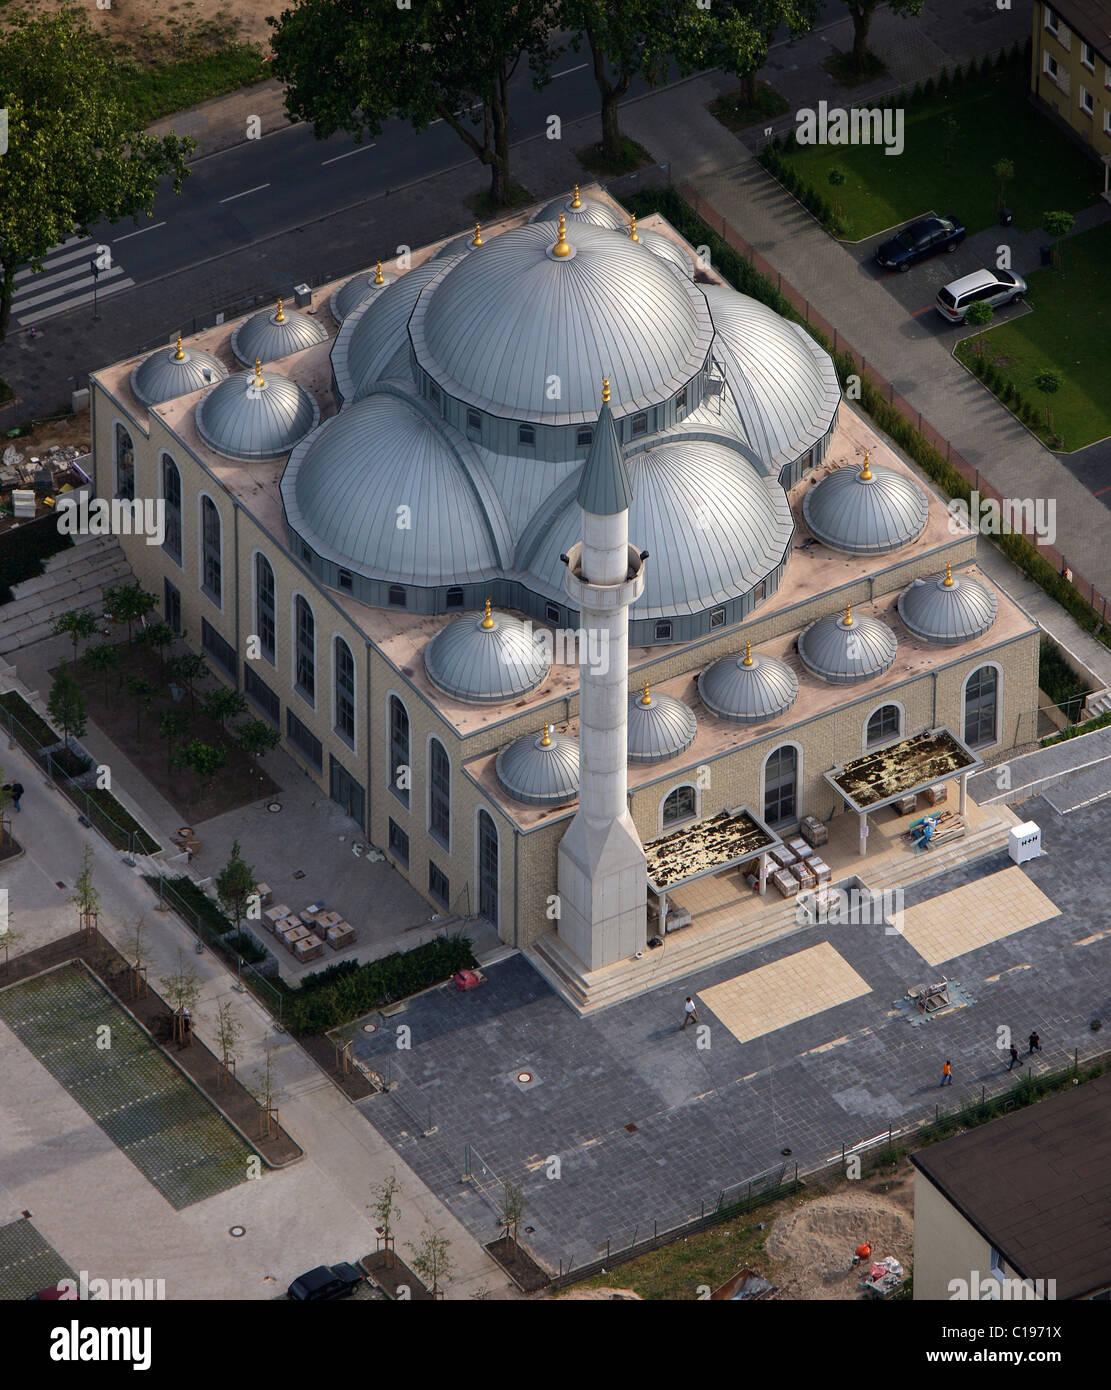 Luftaufnahme, Moschee, Duisburg Farn, Ruhrgebiet, Nordrhein-Westfalen, Deutschland, Europa Stockbild